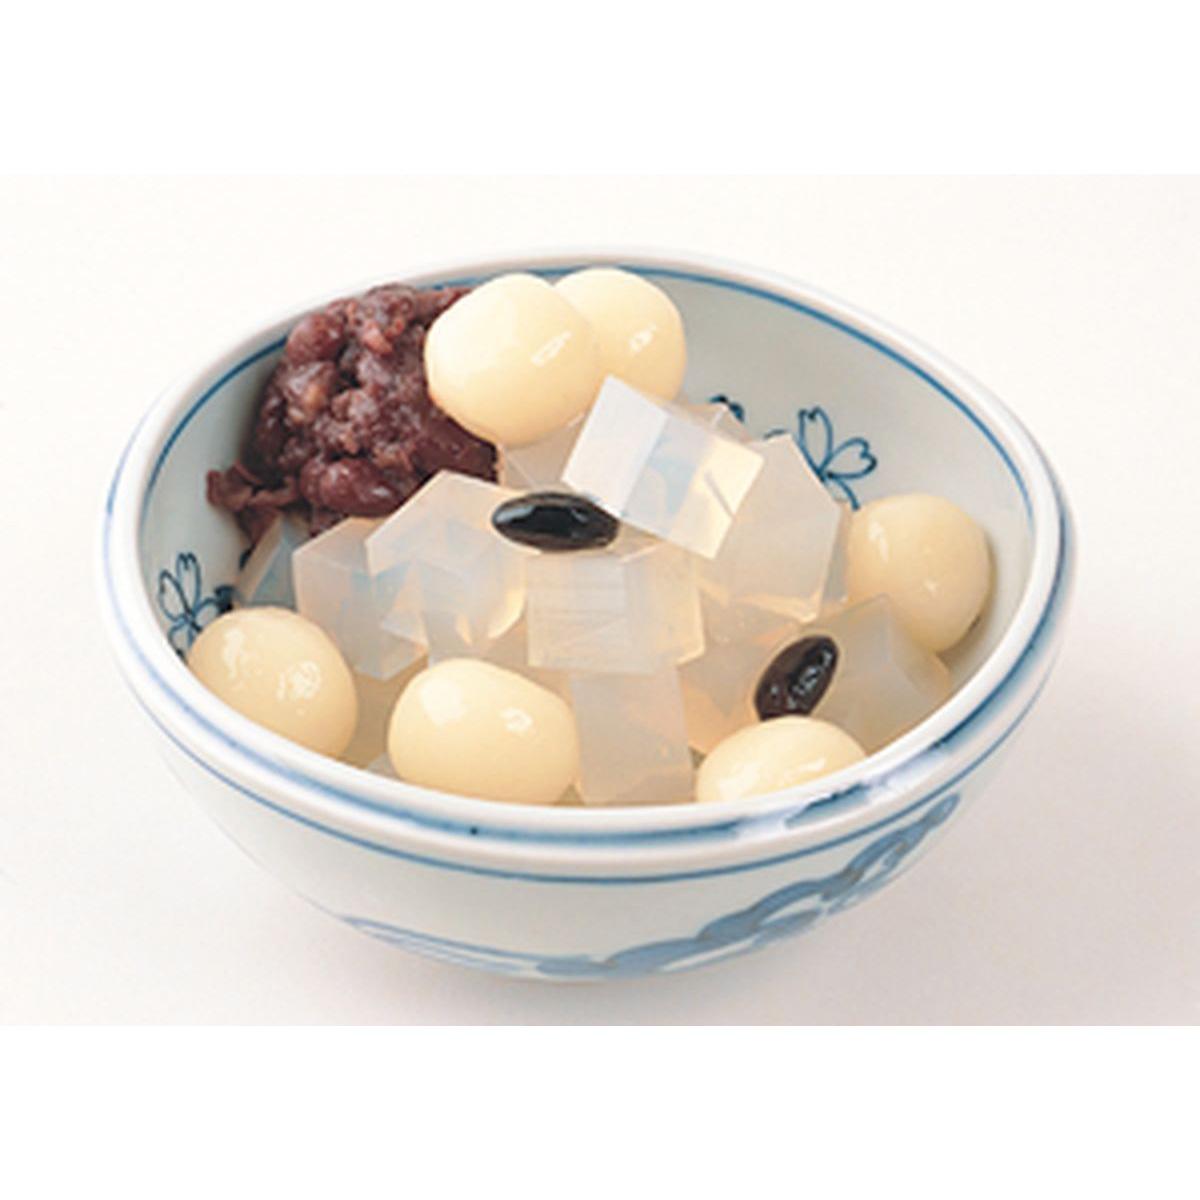 食譜:白玉蜜豆沙